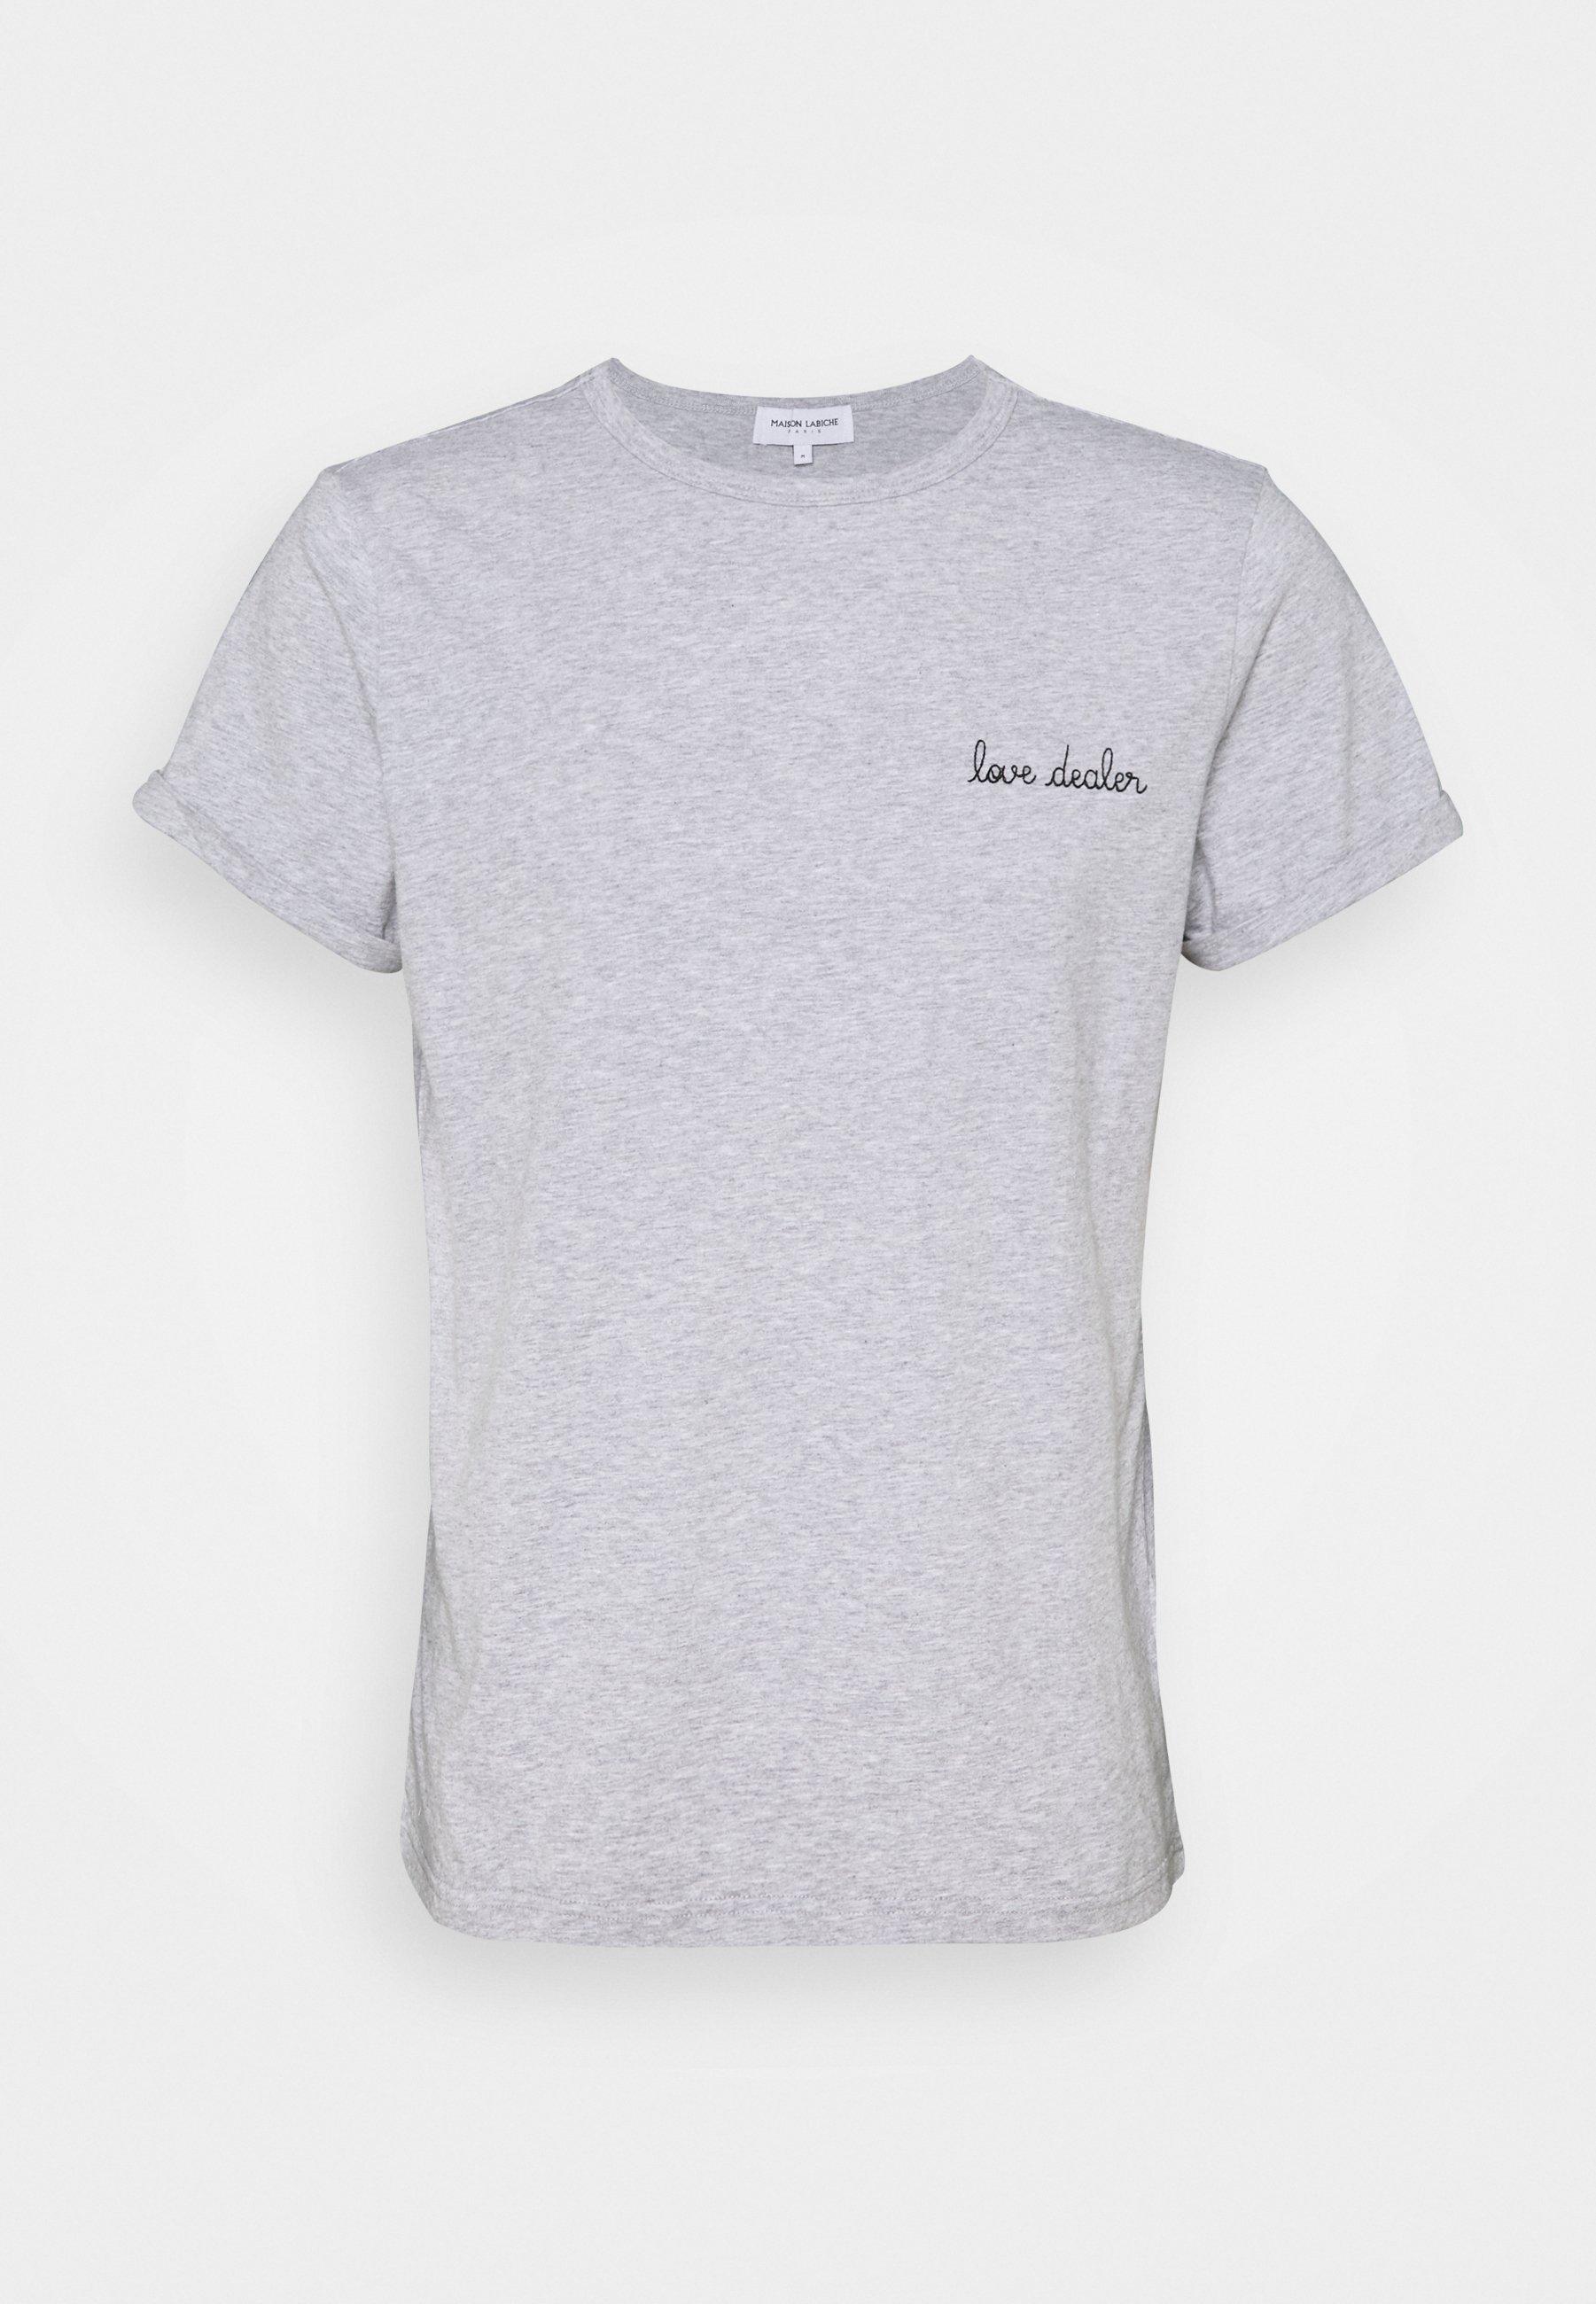 Homme CLASSIC TEE LOVE DEALER - T-shirt imprimé